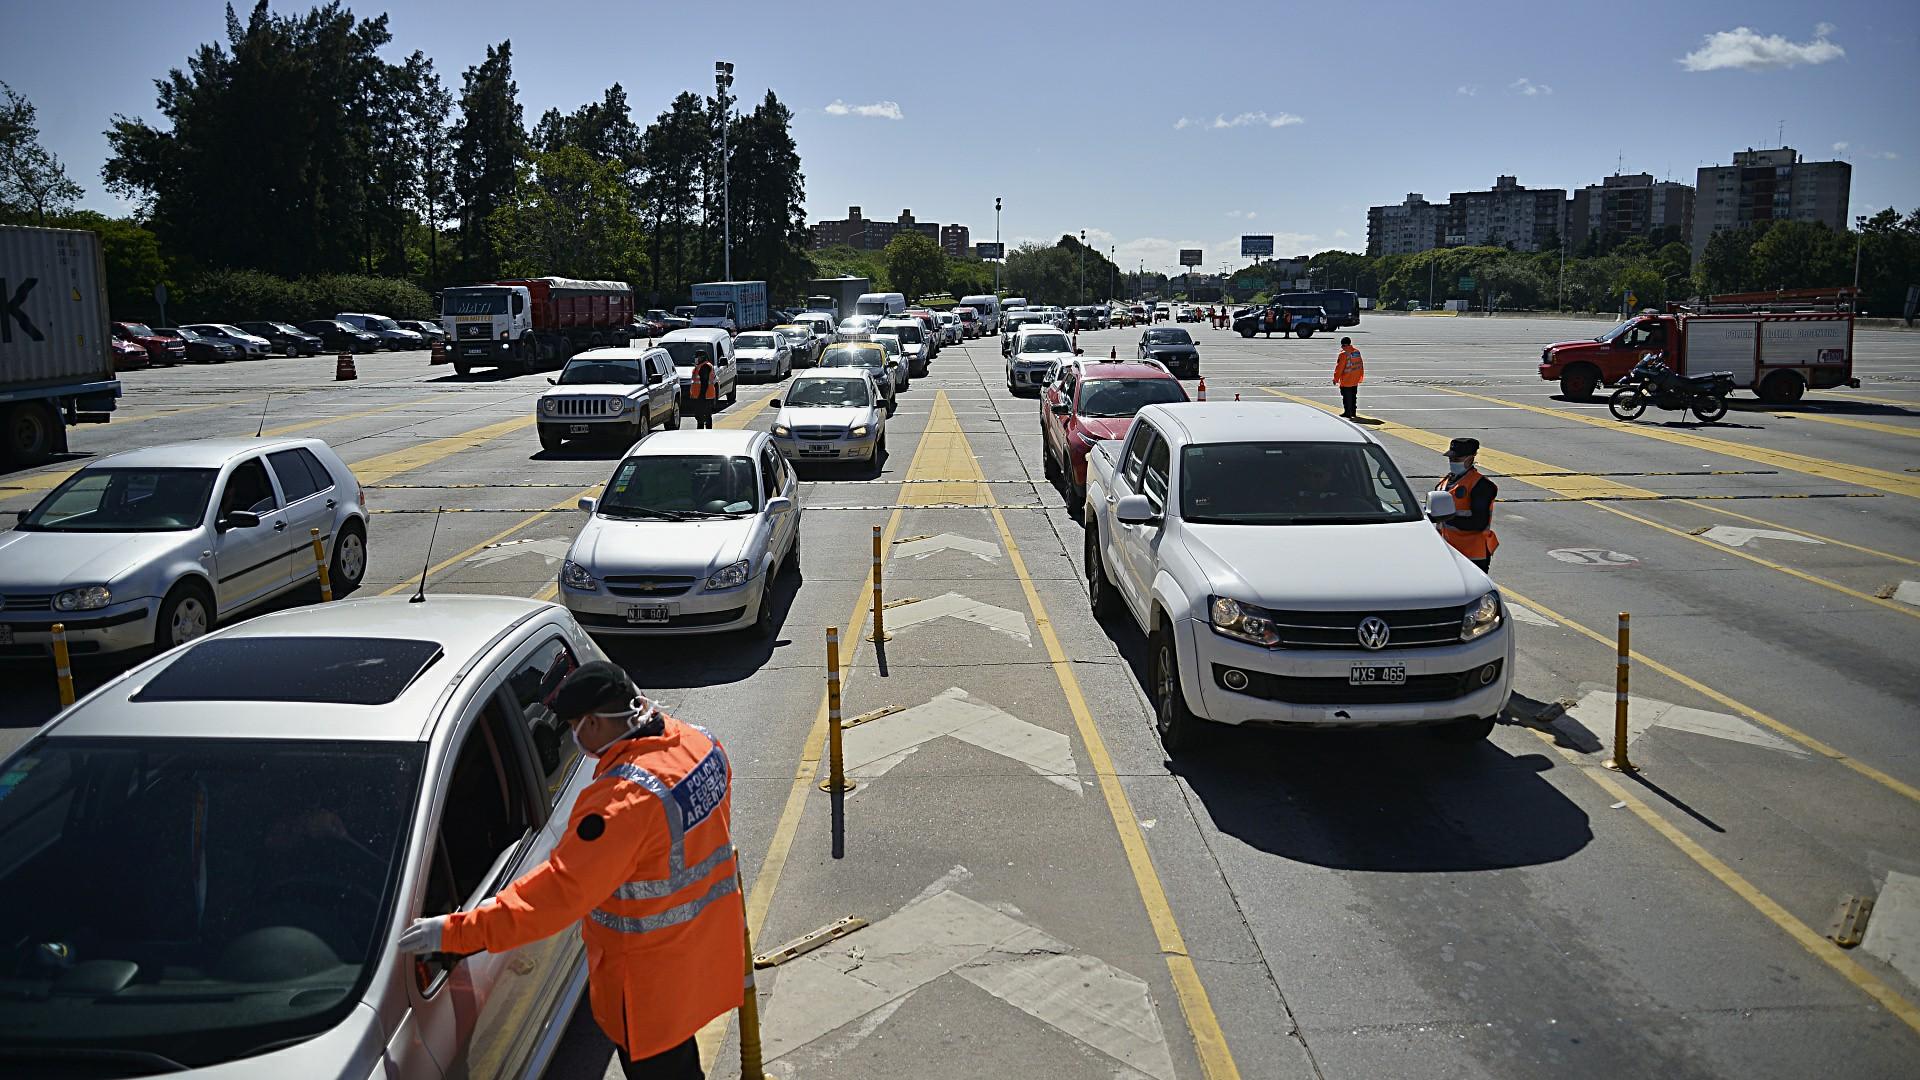 Control de tránsito en la autopista Ricchieri. Según el informe de la Ciudad de Buenos Aires, el martes 16 de junio circularon por las autopistas 139 mil vehículos, un 7 % más que el martes anterior.